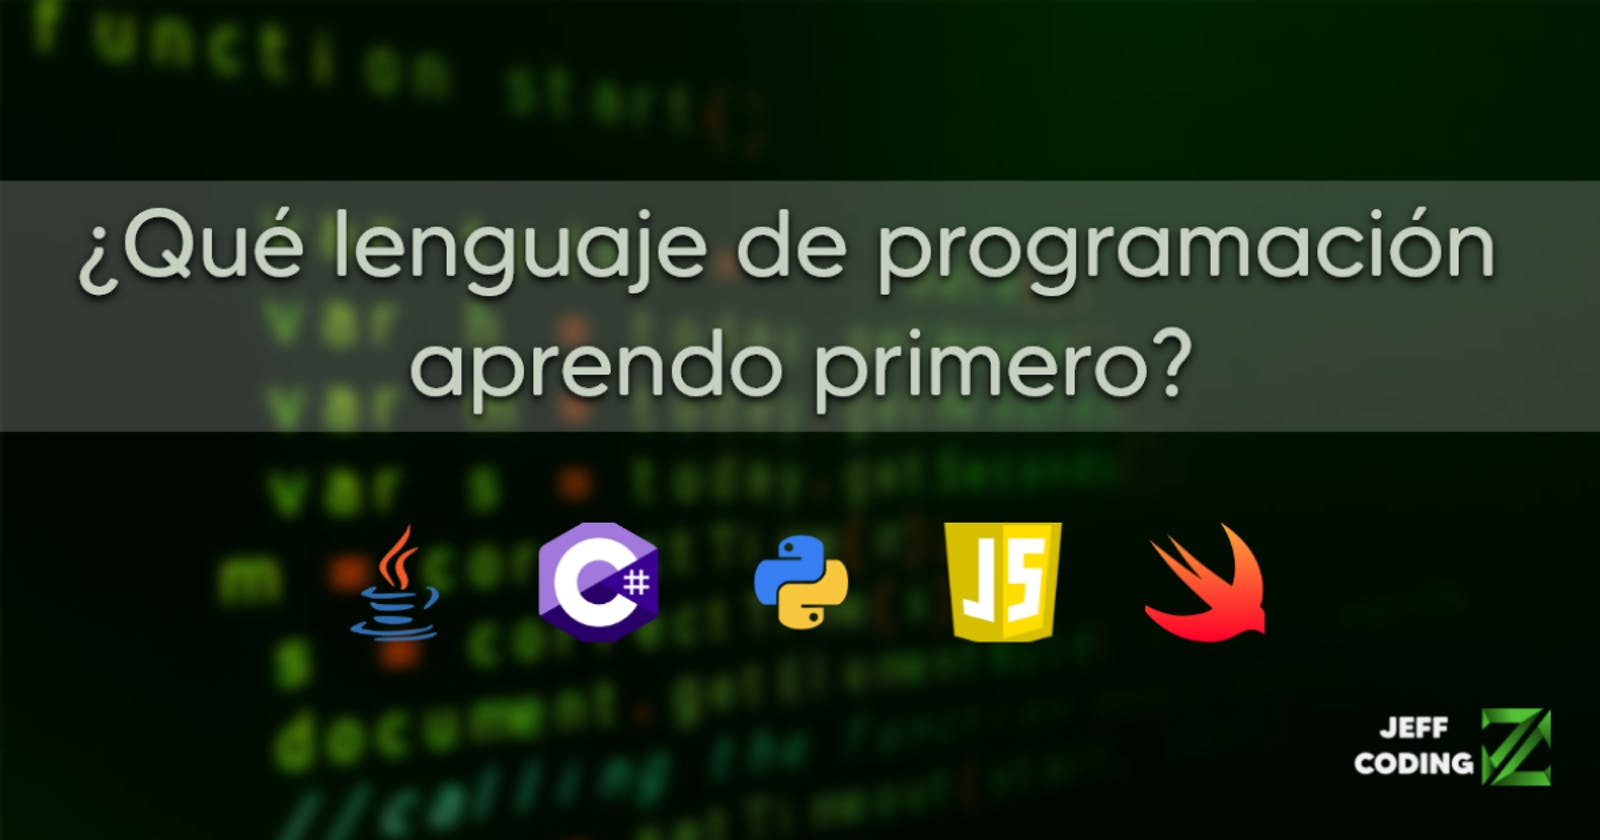 ¿Qué lenguaje de programación debería aprender primero?